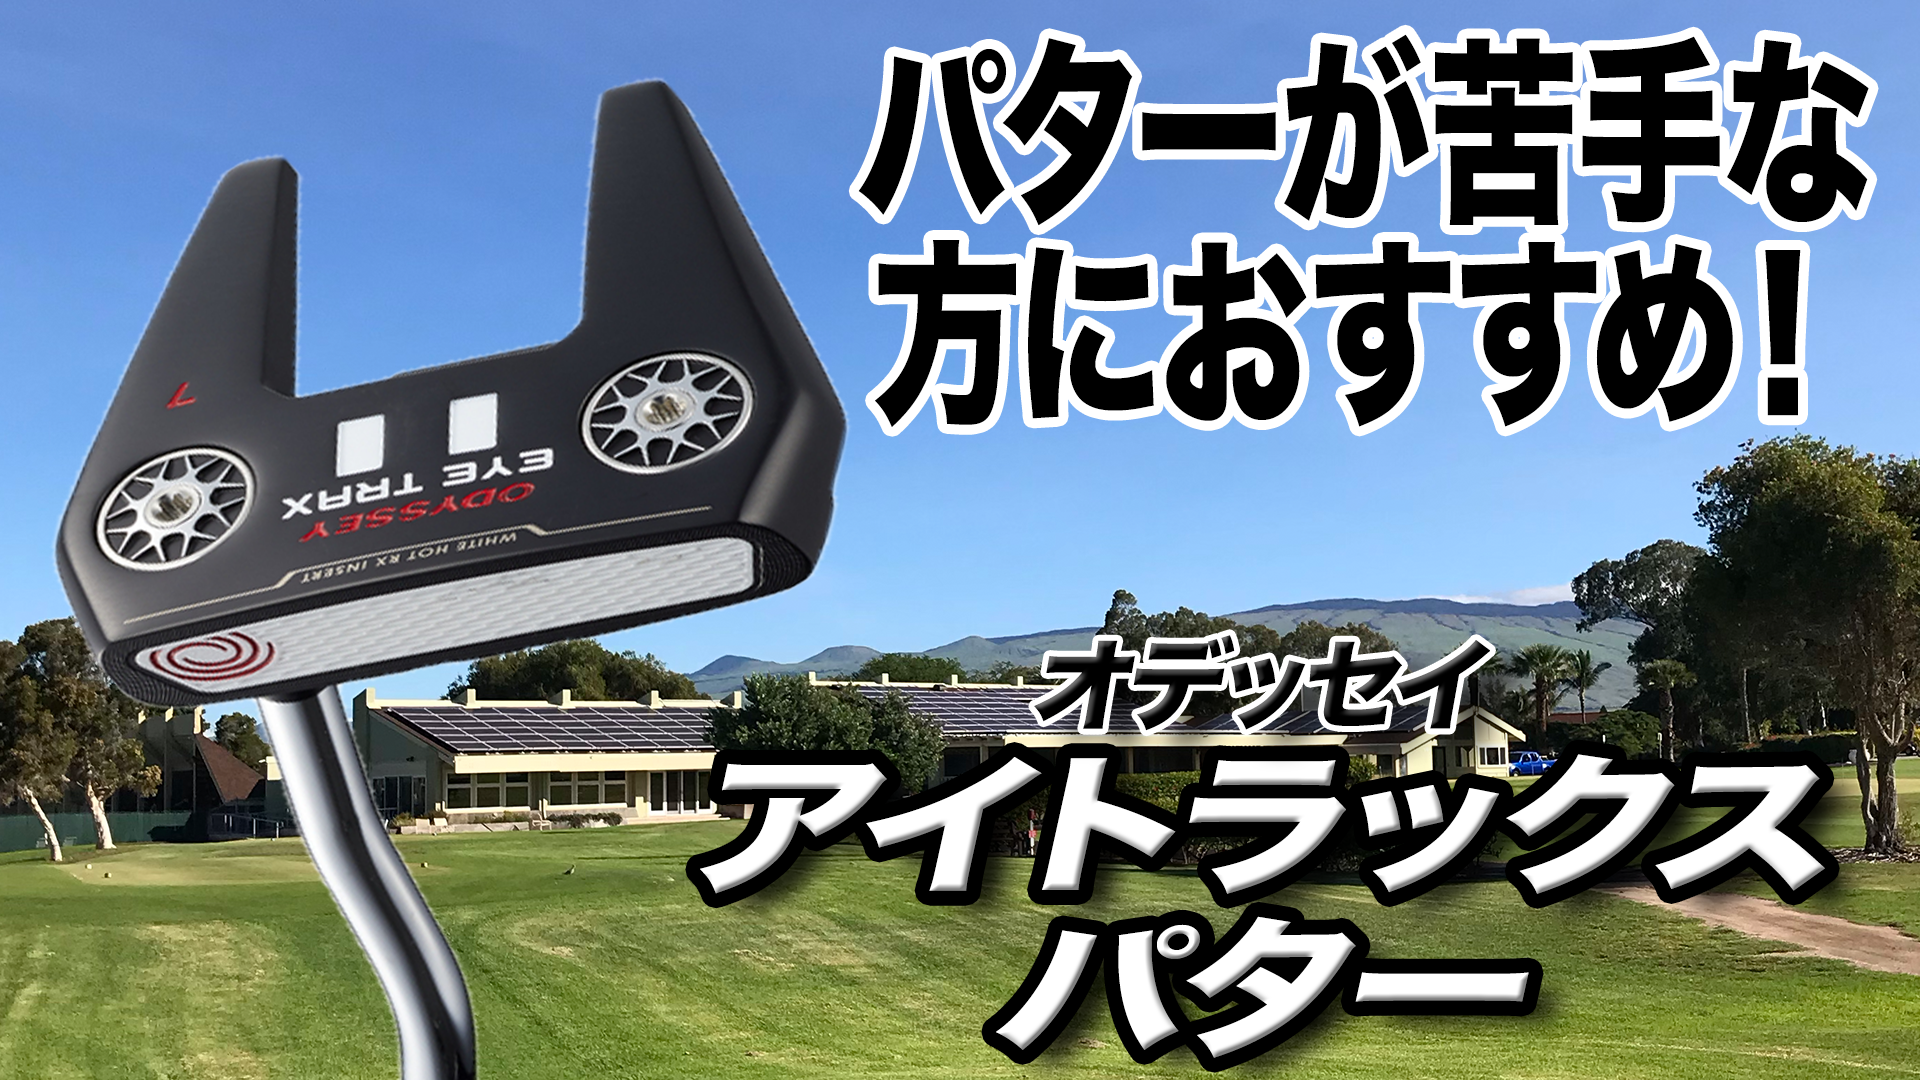 オデッセイ「アイトラックス パター」【レビュー企画】